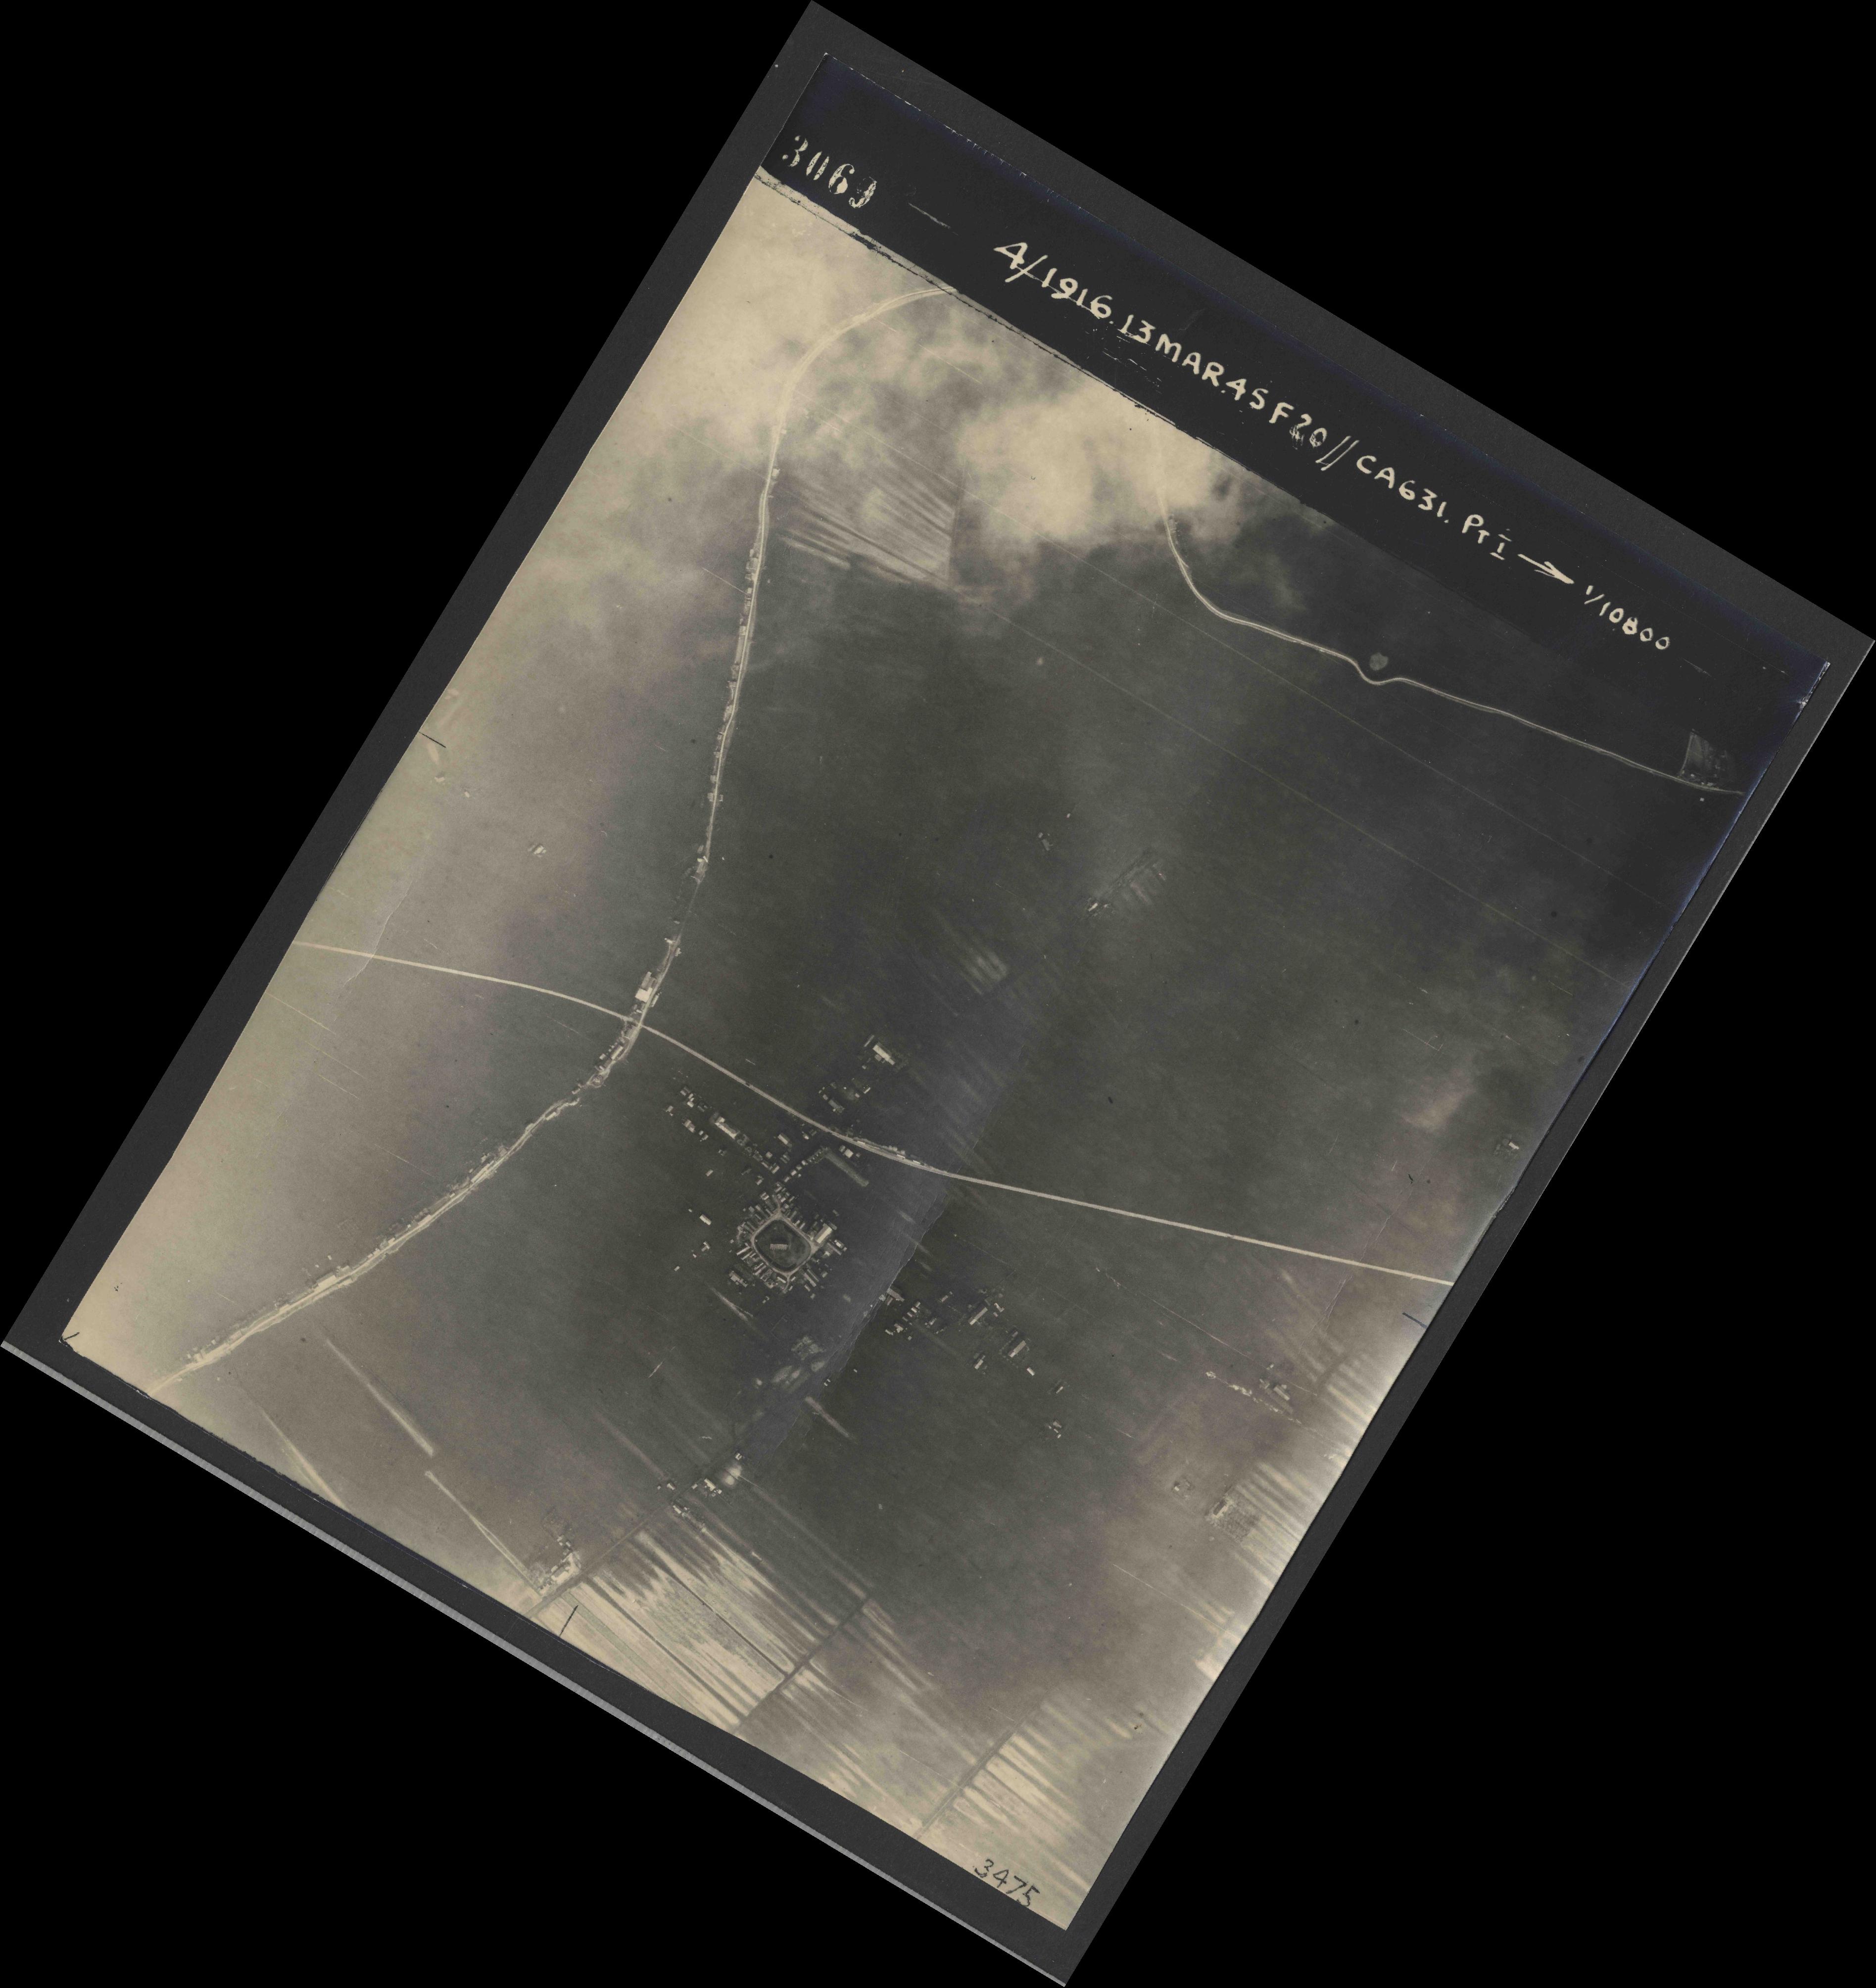 Collection RAF aerial photos 1940-1945 - flight 085, run 01, photo 3069